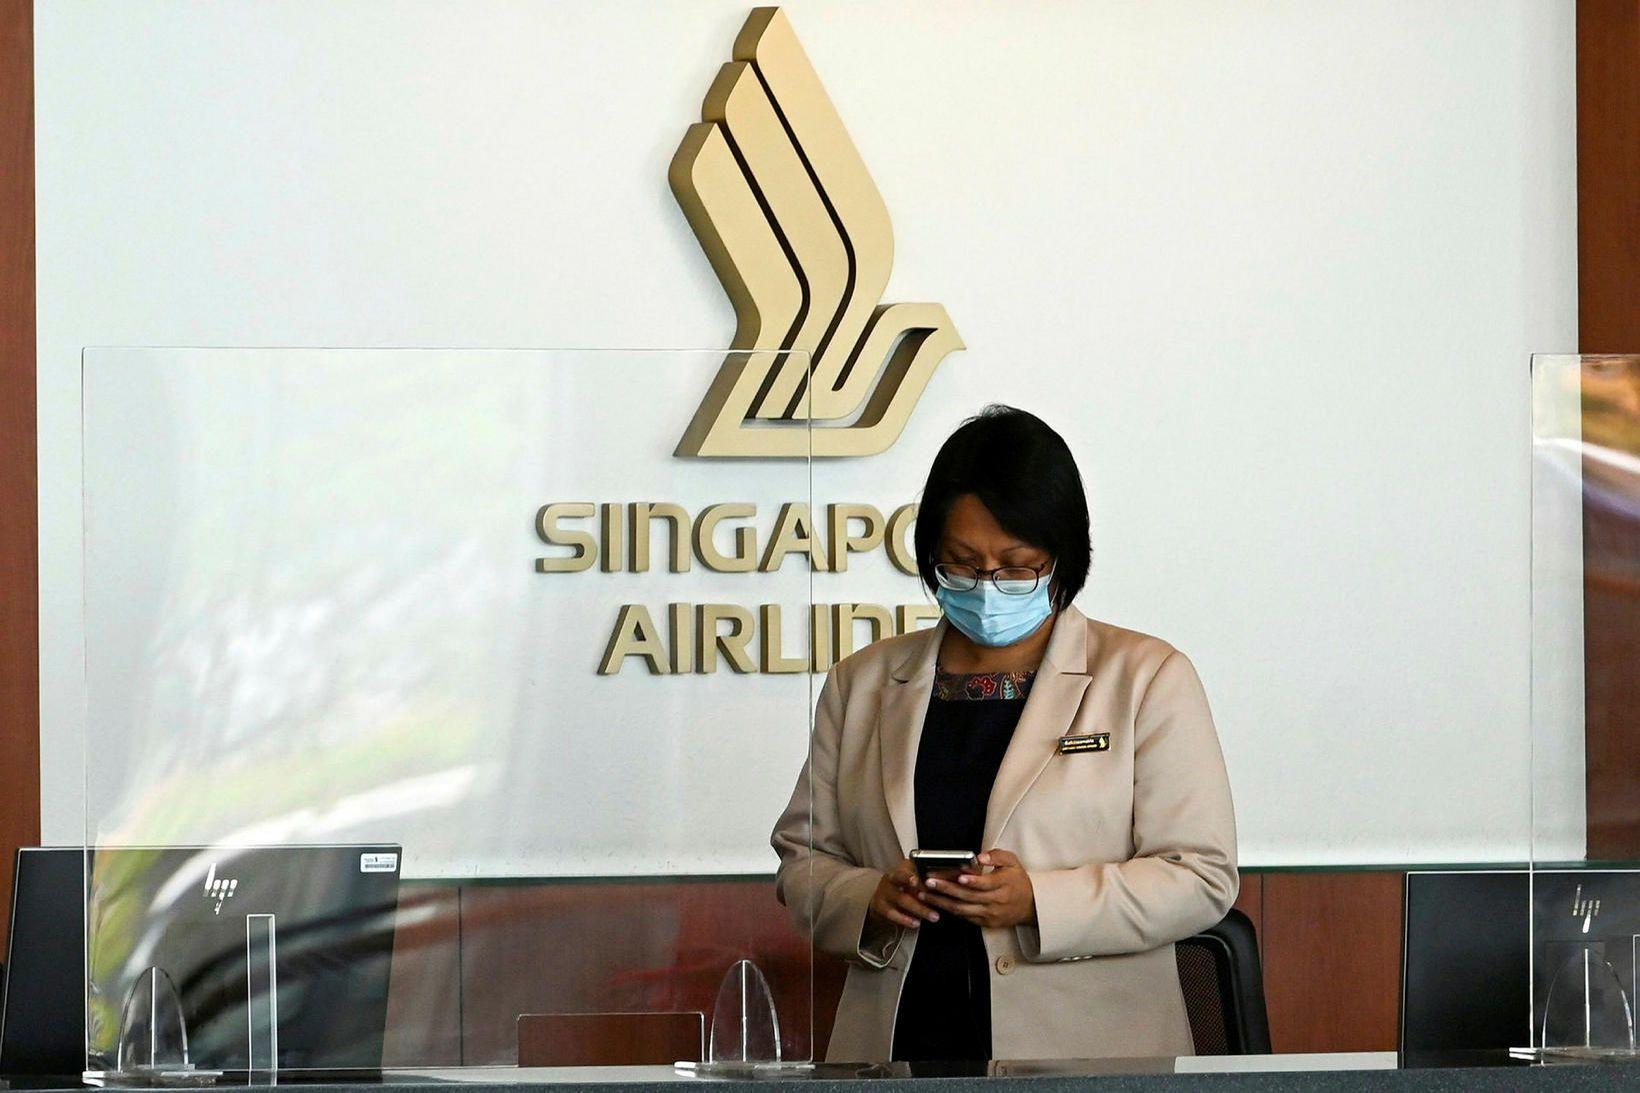 Uppátæki Singapore Airlines lagðist misvel í fólk.